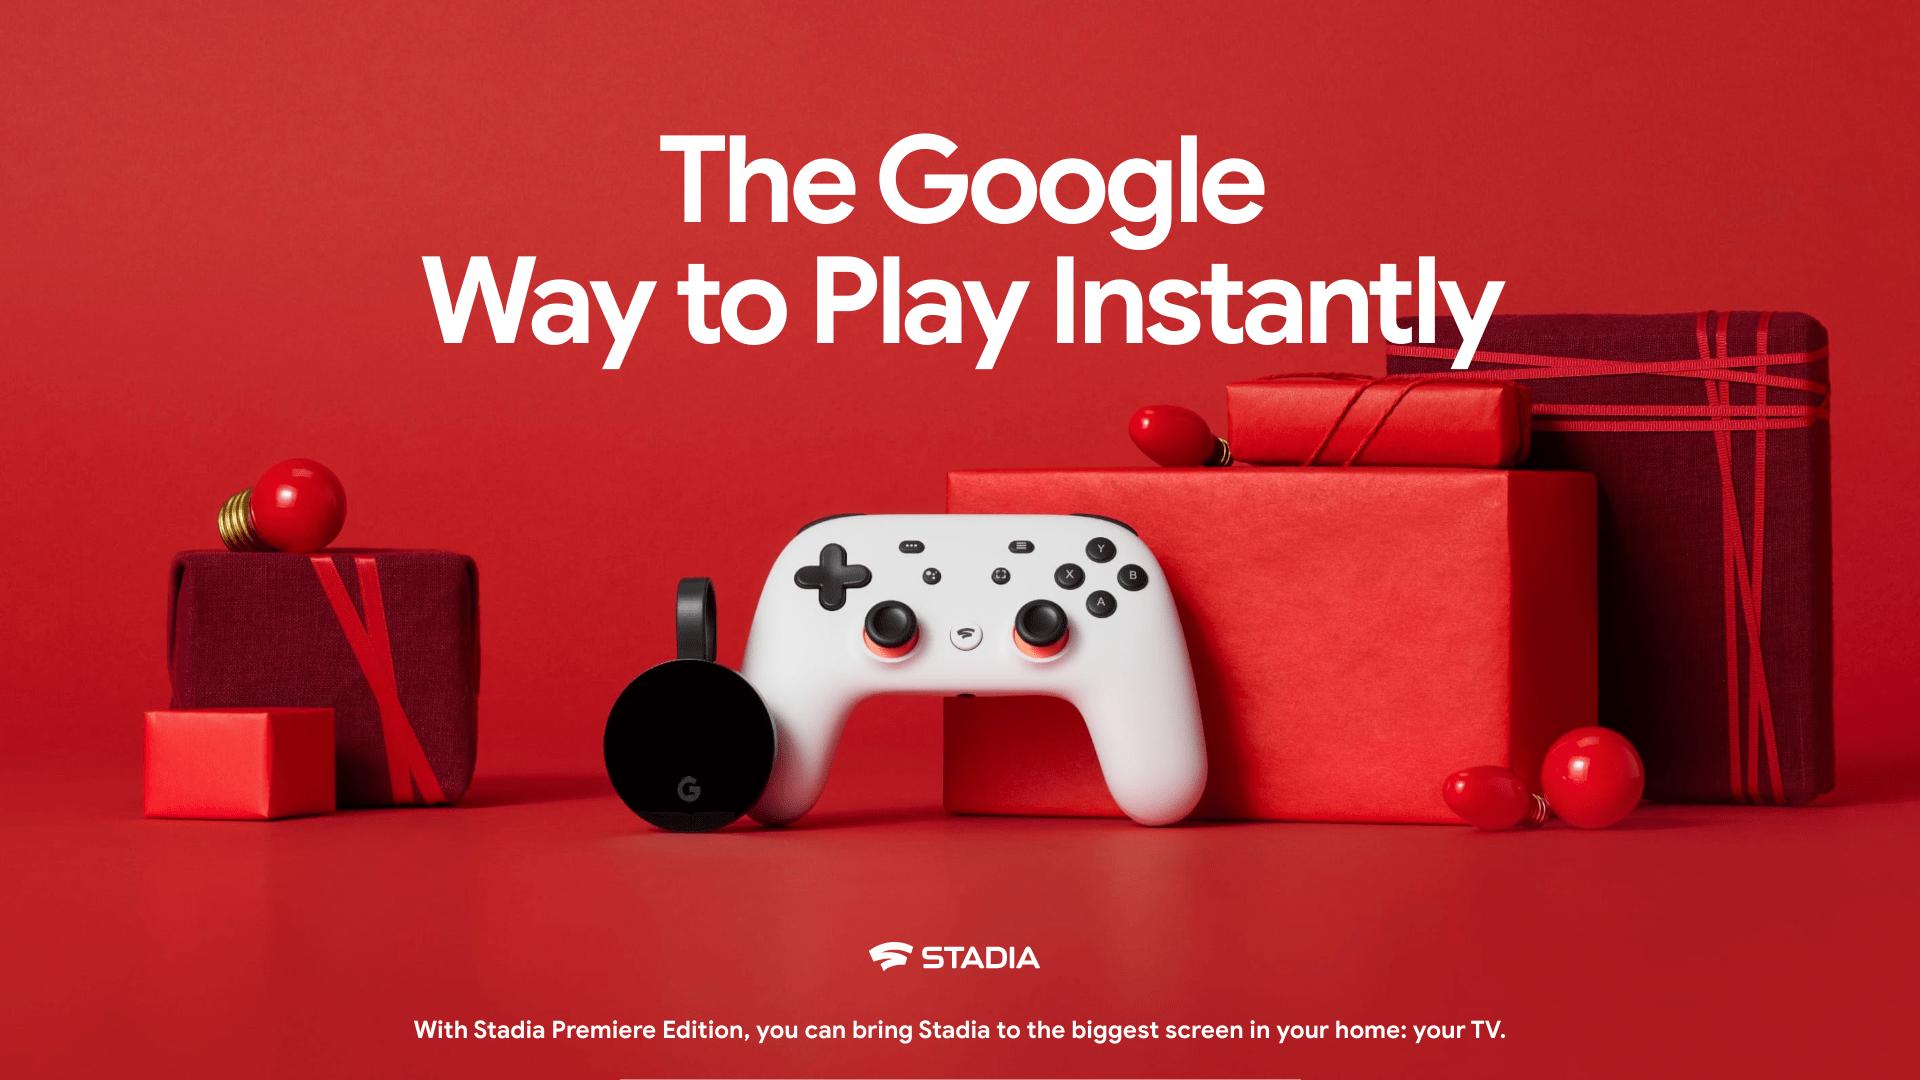 Google ホリデー デザイン:クラウド ゲーム「Google Stadia」